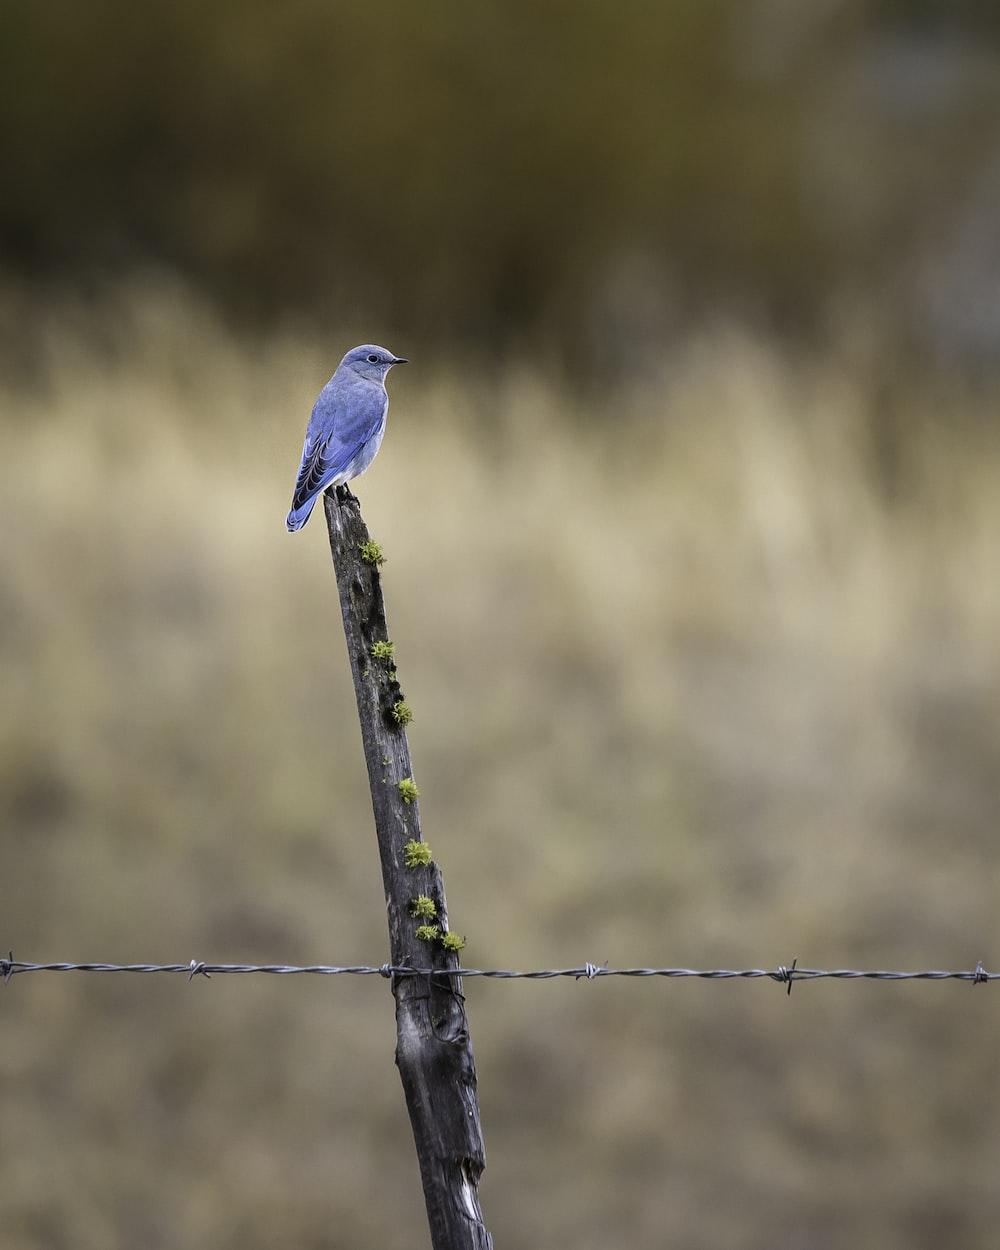 brown bird on brown wooden stick during daytime